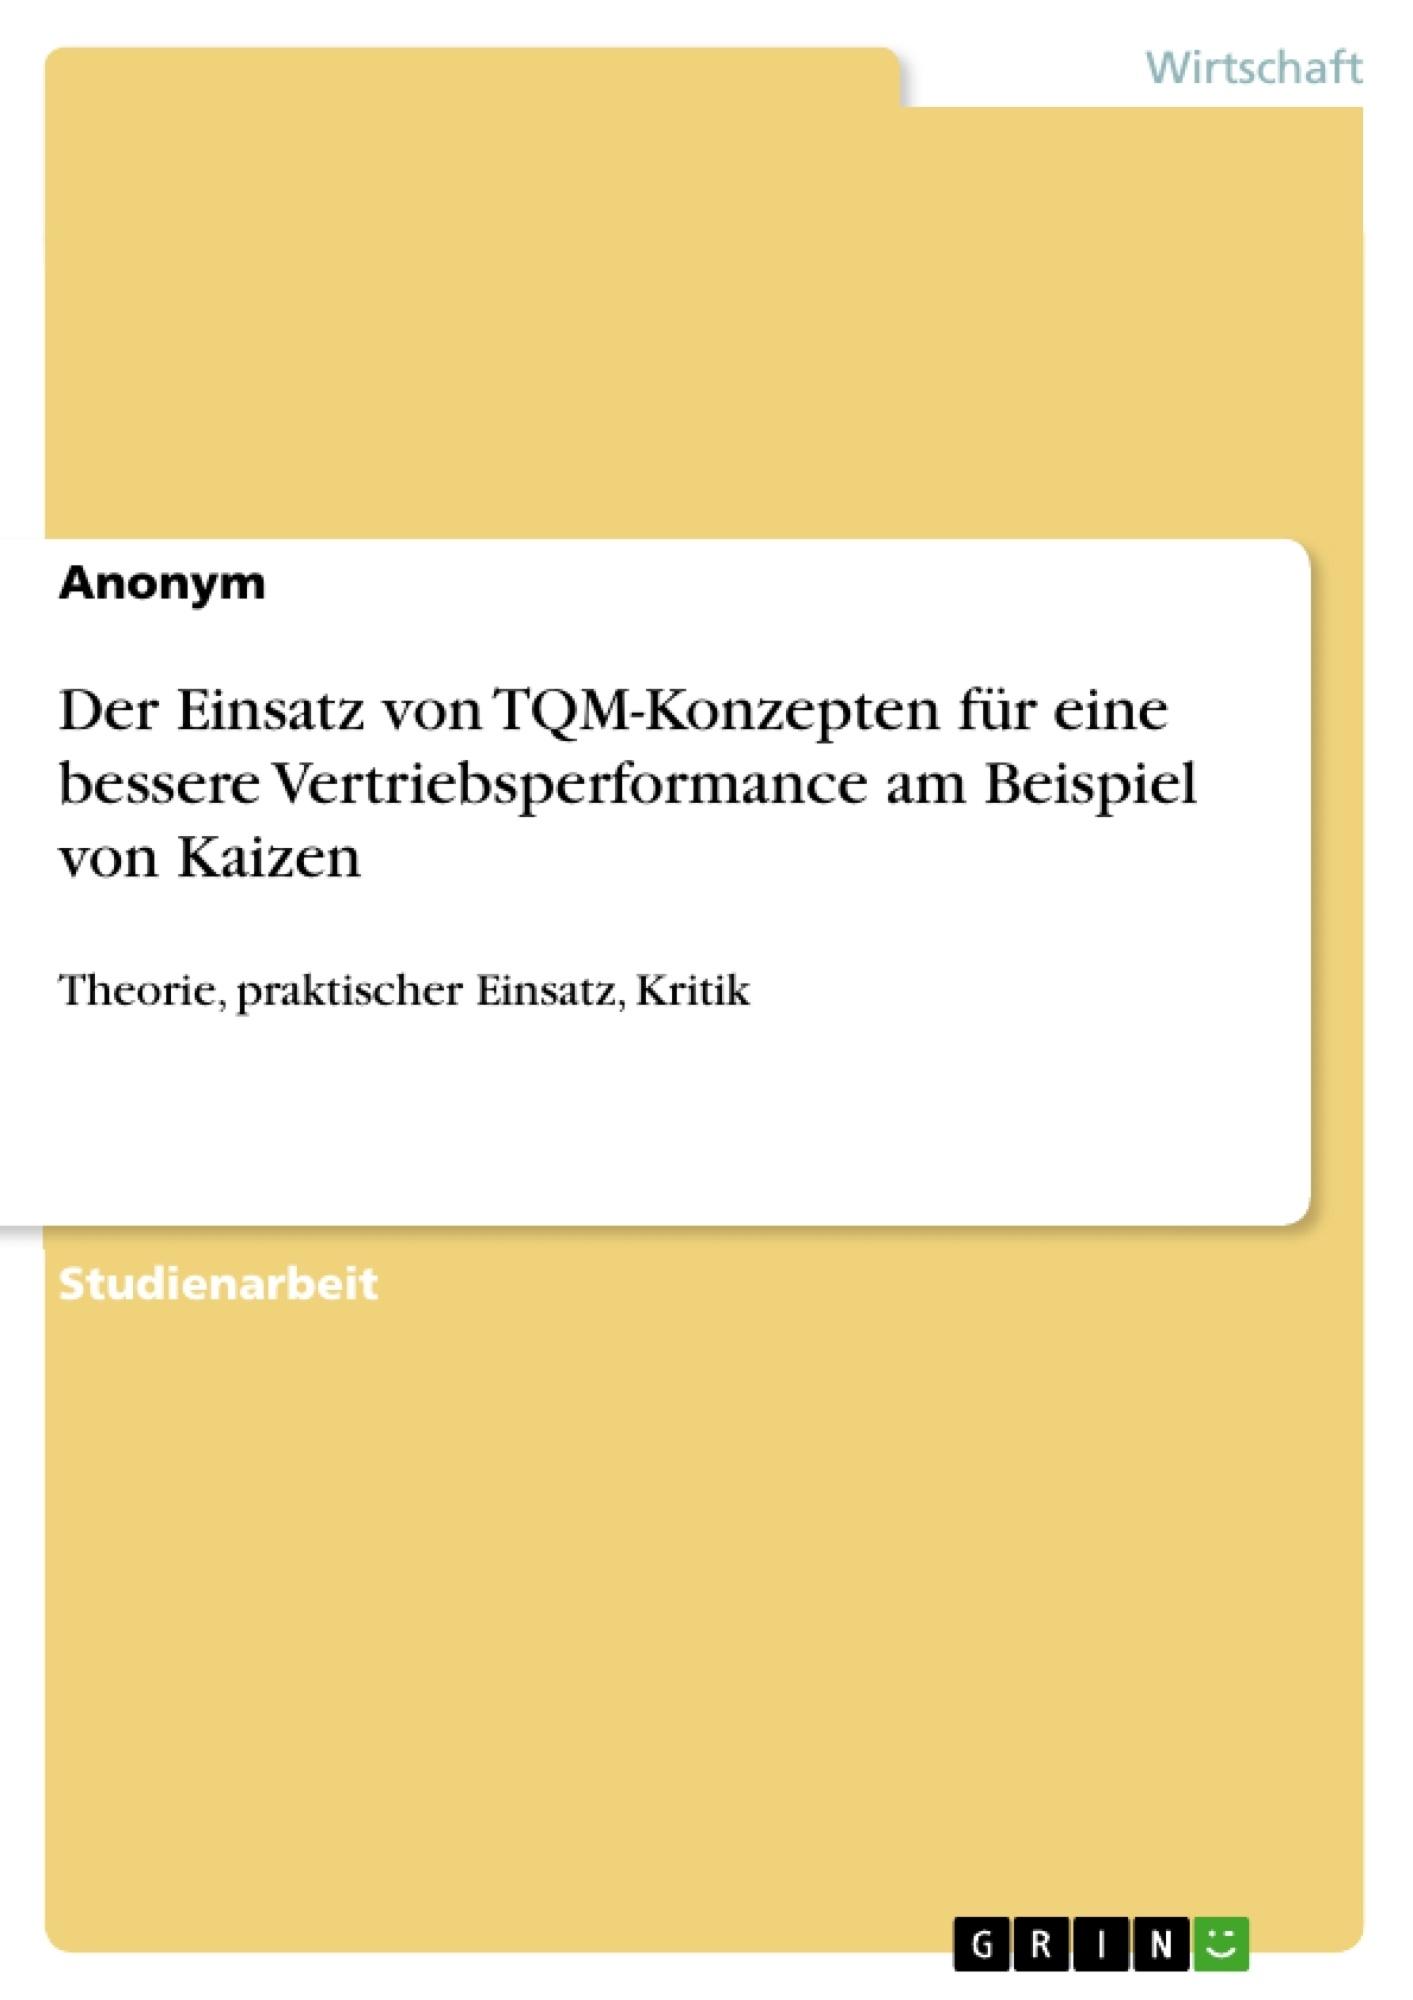 Titel: Der Einsatz von TQM-Konzepten für eine bessere Vertriebsperformance am Beispiel von Kaizen